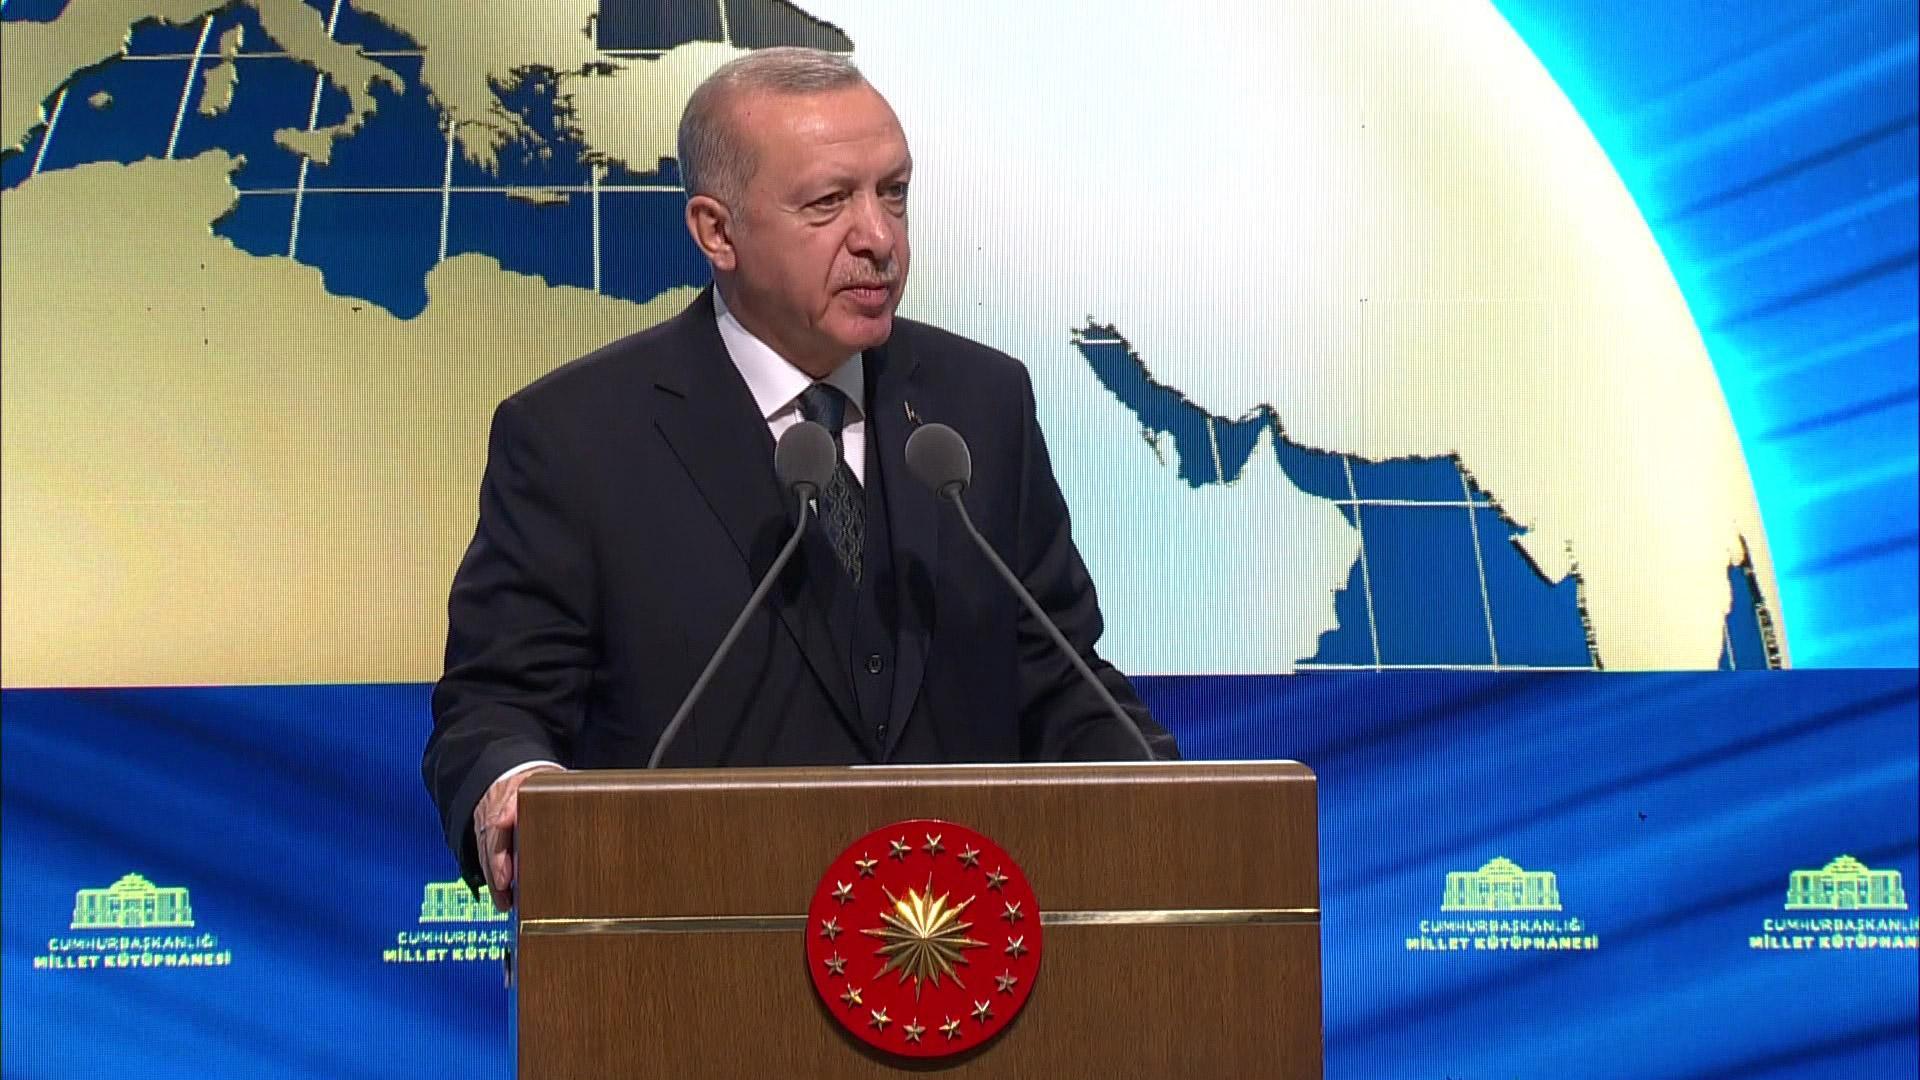 Başkan Erdoğan'dan Cumhurbaşkanlığı Millet Kütüphanesi Açılış Töreni'nde önemli açıklamalar